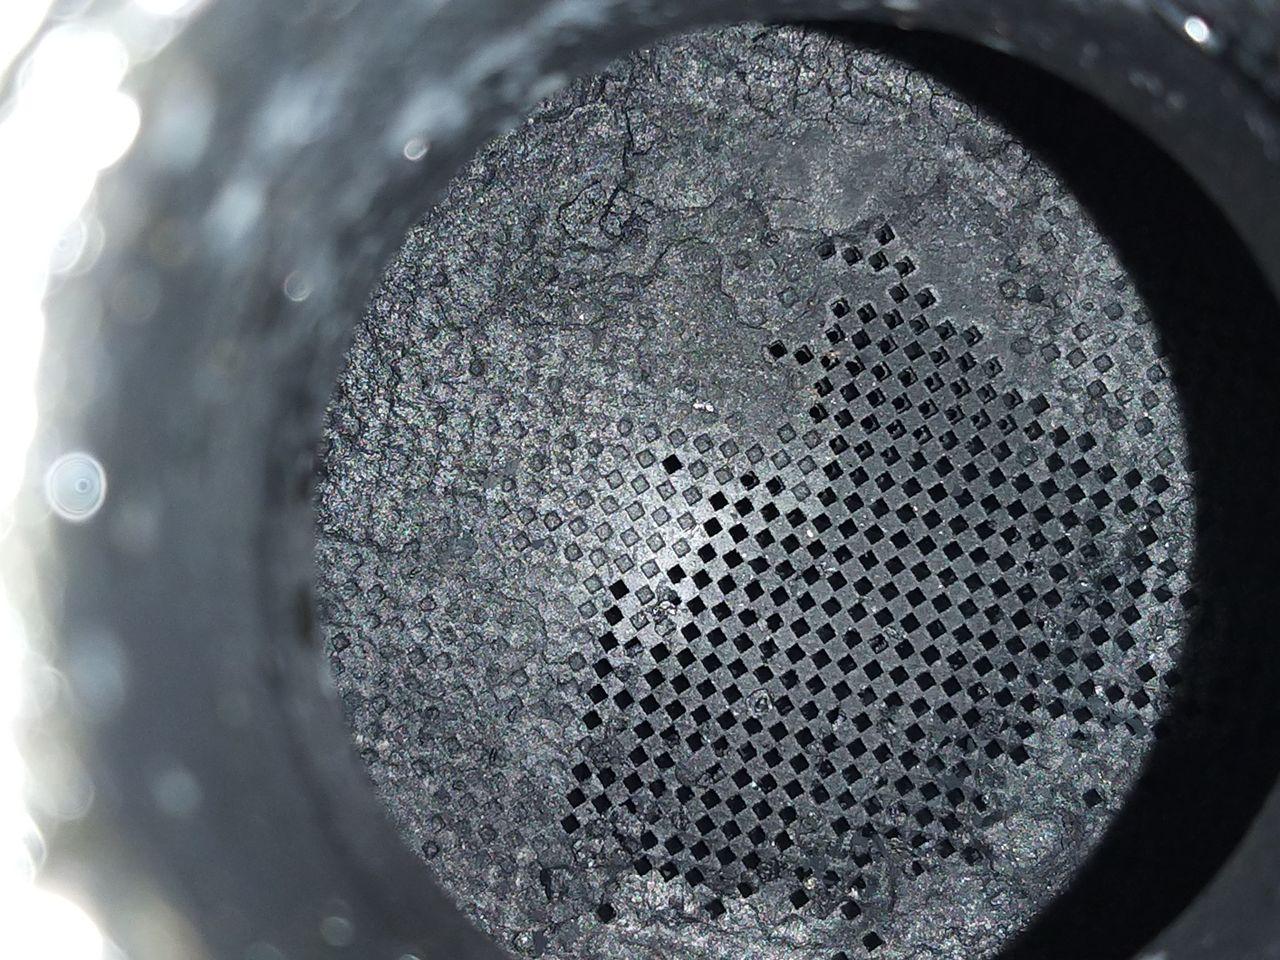 картинка сажевого фильтра видом своим